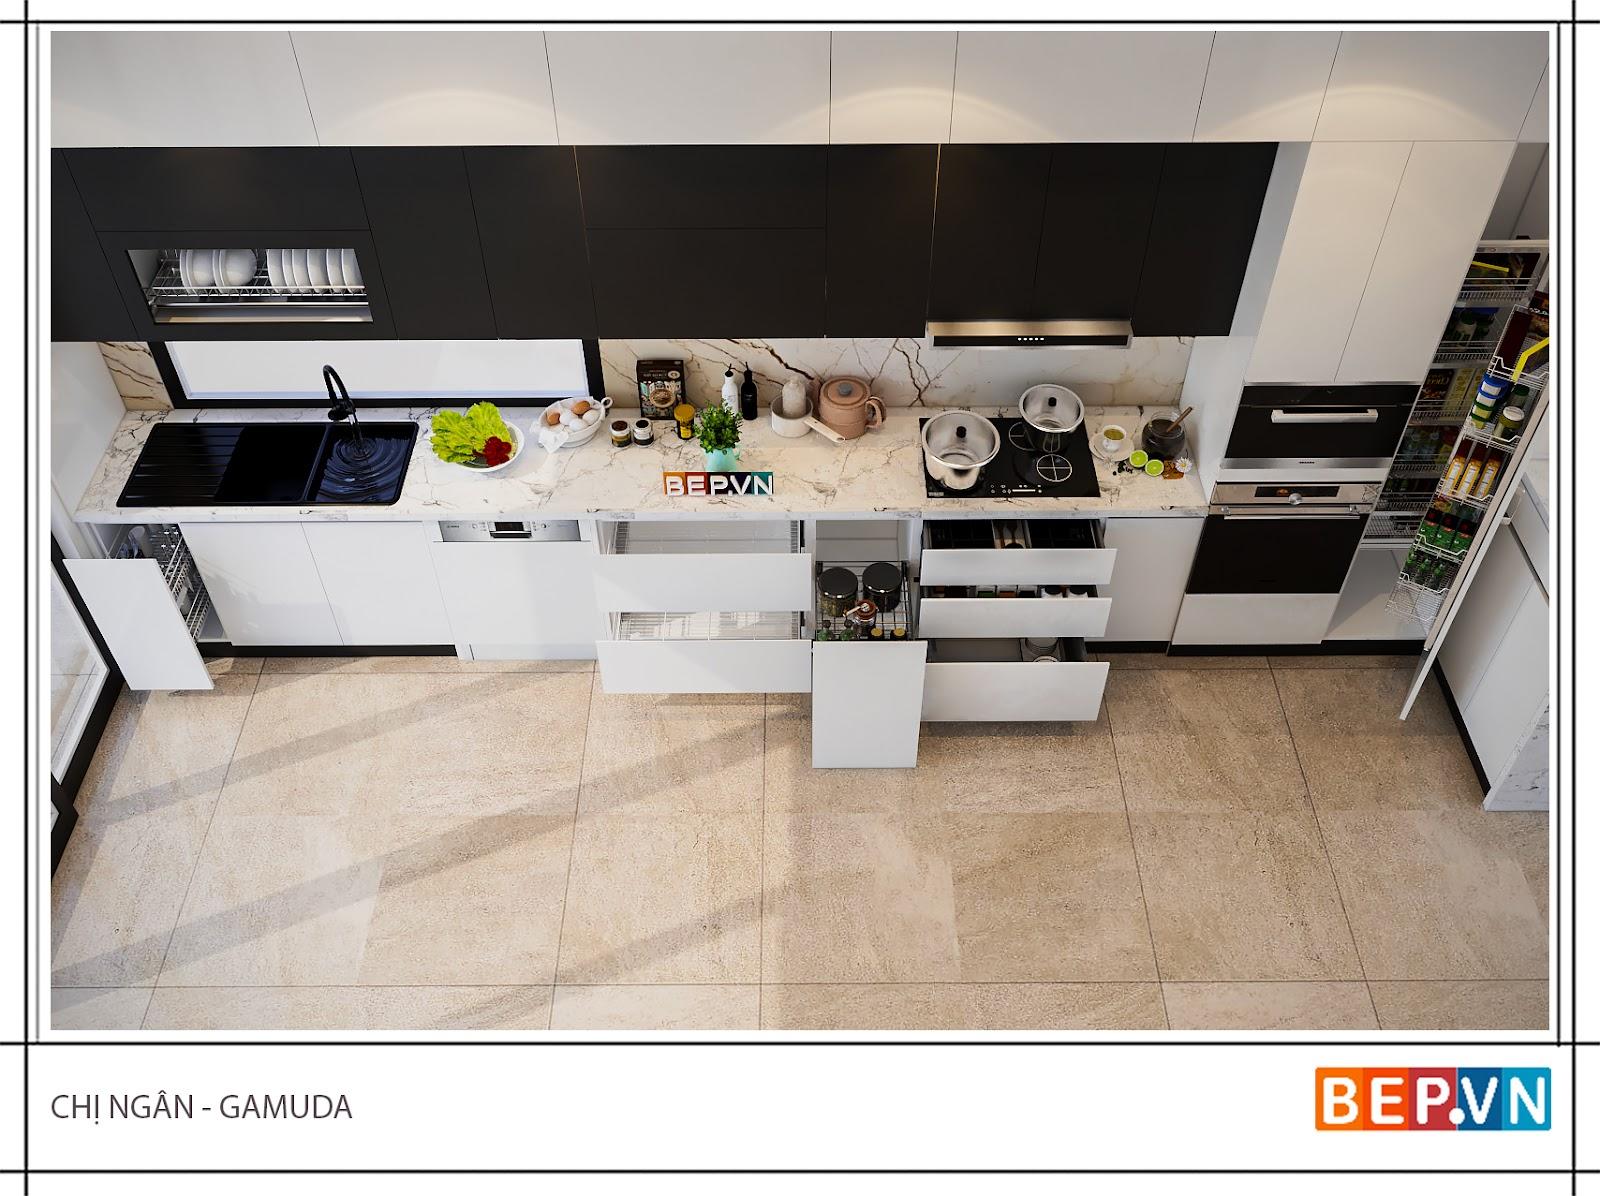 Thiết kế tủ kho kết hợp lò nướng và lò vi sóng trong căn bếp gia đình chị Ngân